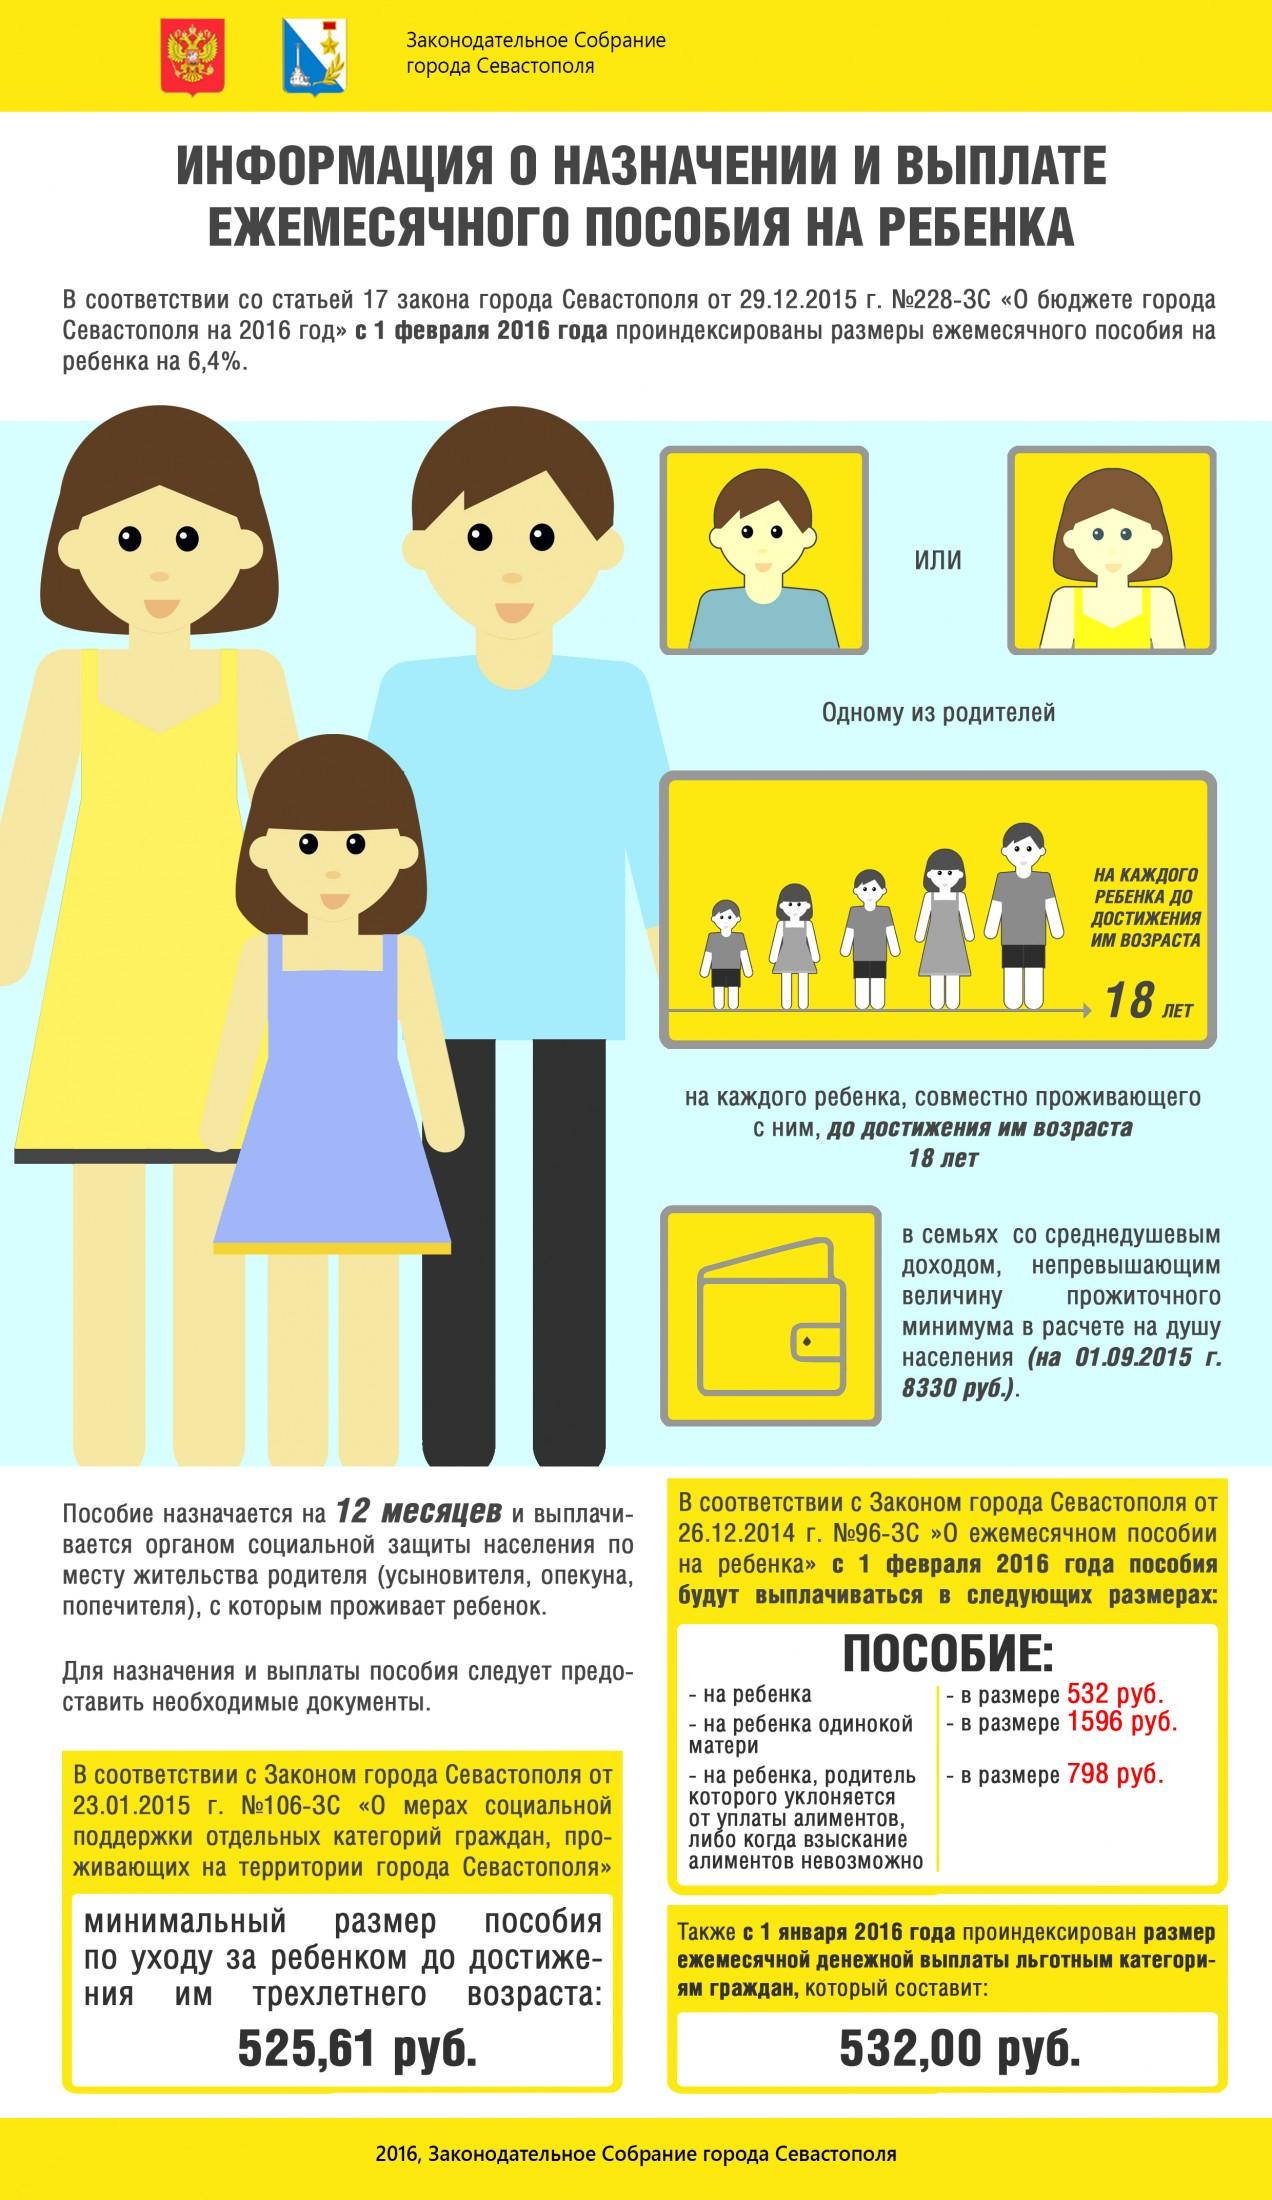 С 1 февраля 2016 года проиндексированы размеры ежемесячного пособия на ребенка